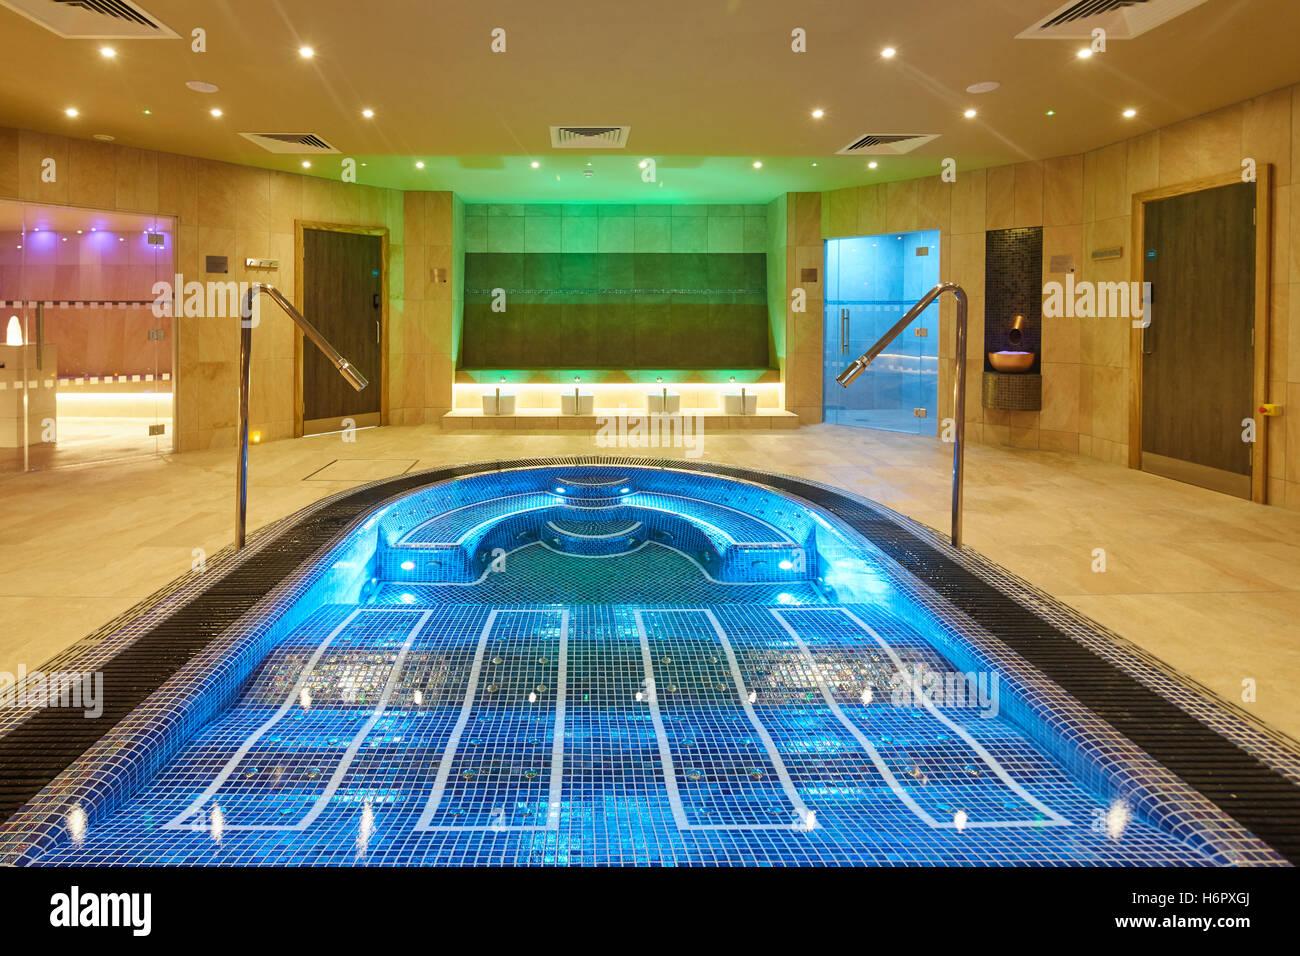 Elegant Spa Pool Moderne Schicke Sauber Innen Spa Nelson Innensauna Raum Whirlpool  Privaten Rates Qualität Deluxe Luxus Noblen Gut Hallo